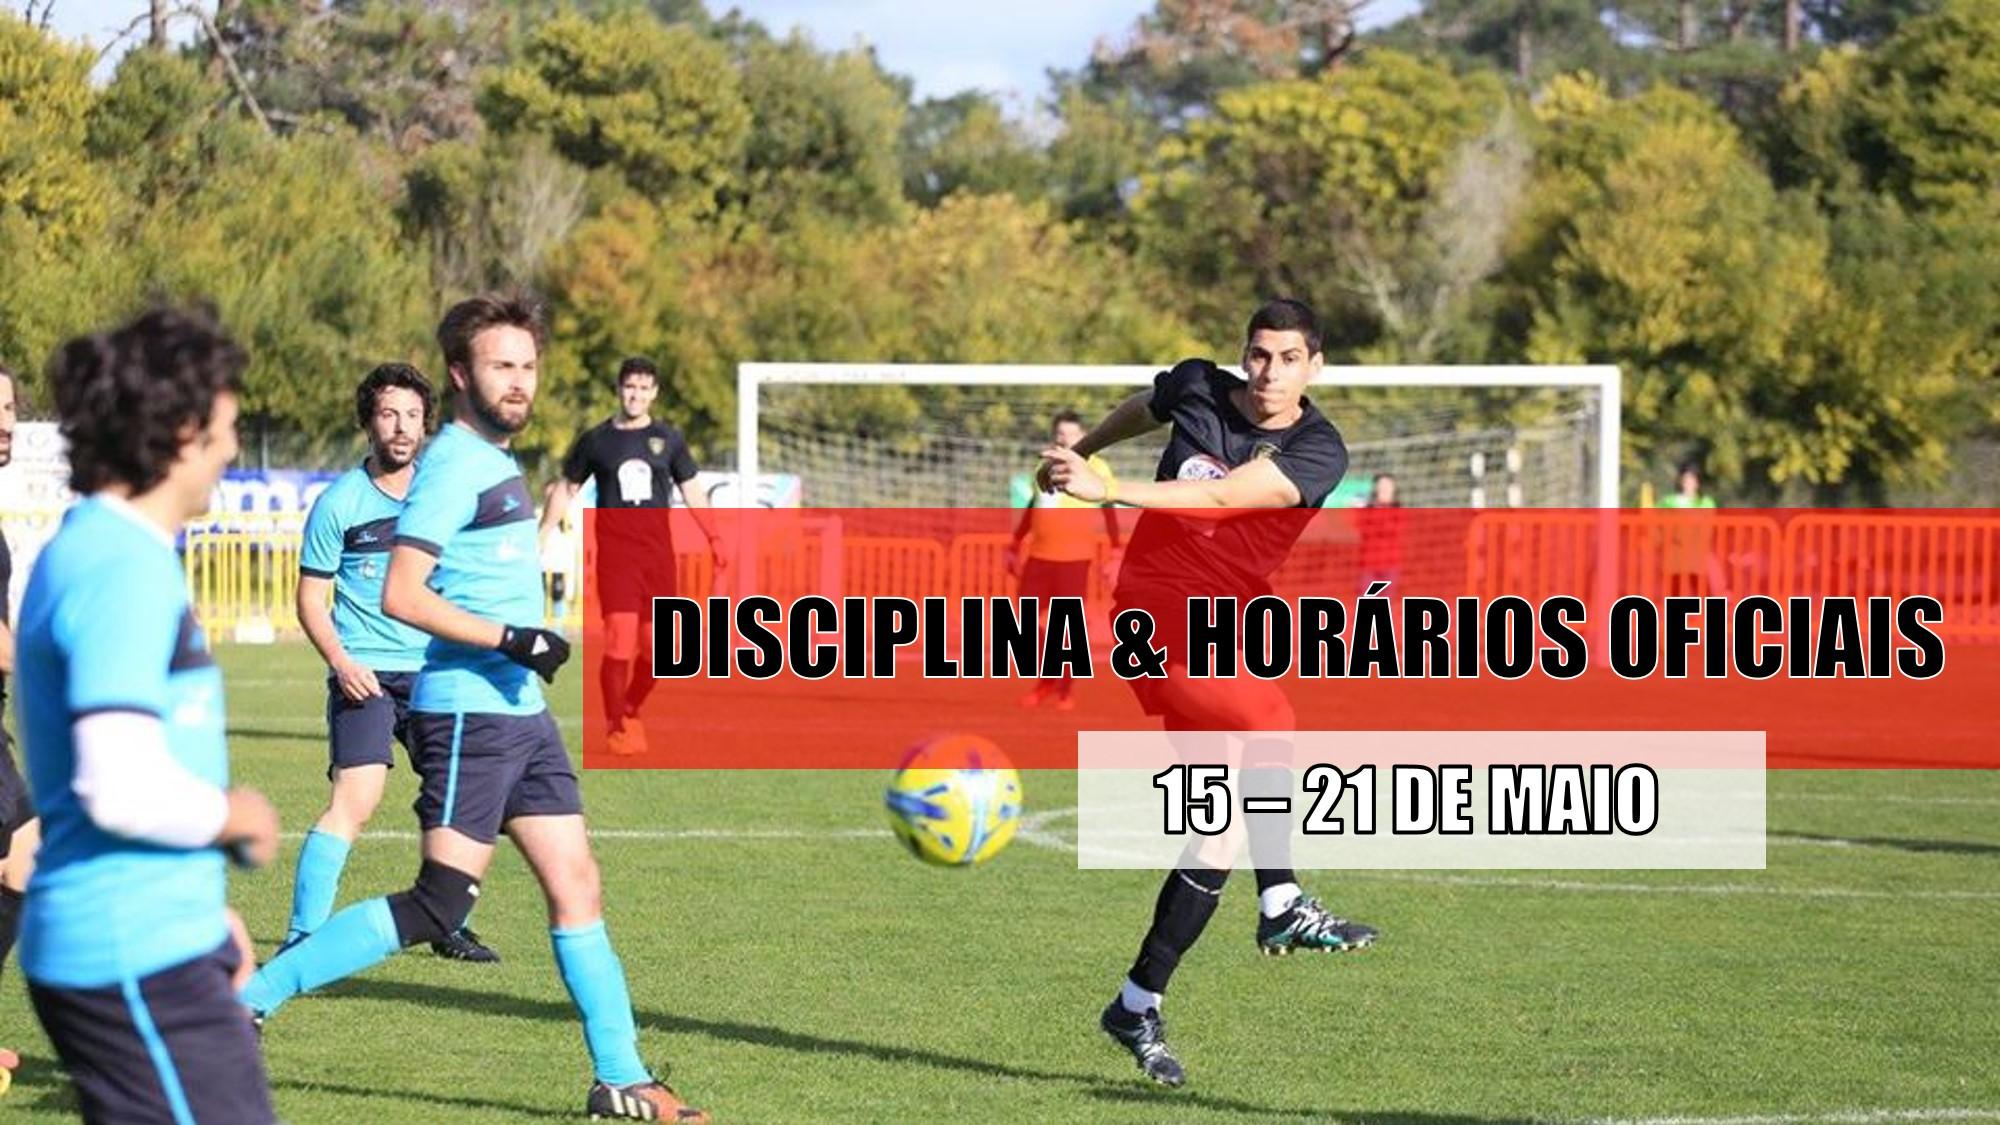 DISCIPLINA   HORÁRIOS OFICIAIS – 18 DE MAIO  ee45892f29db1